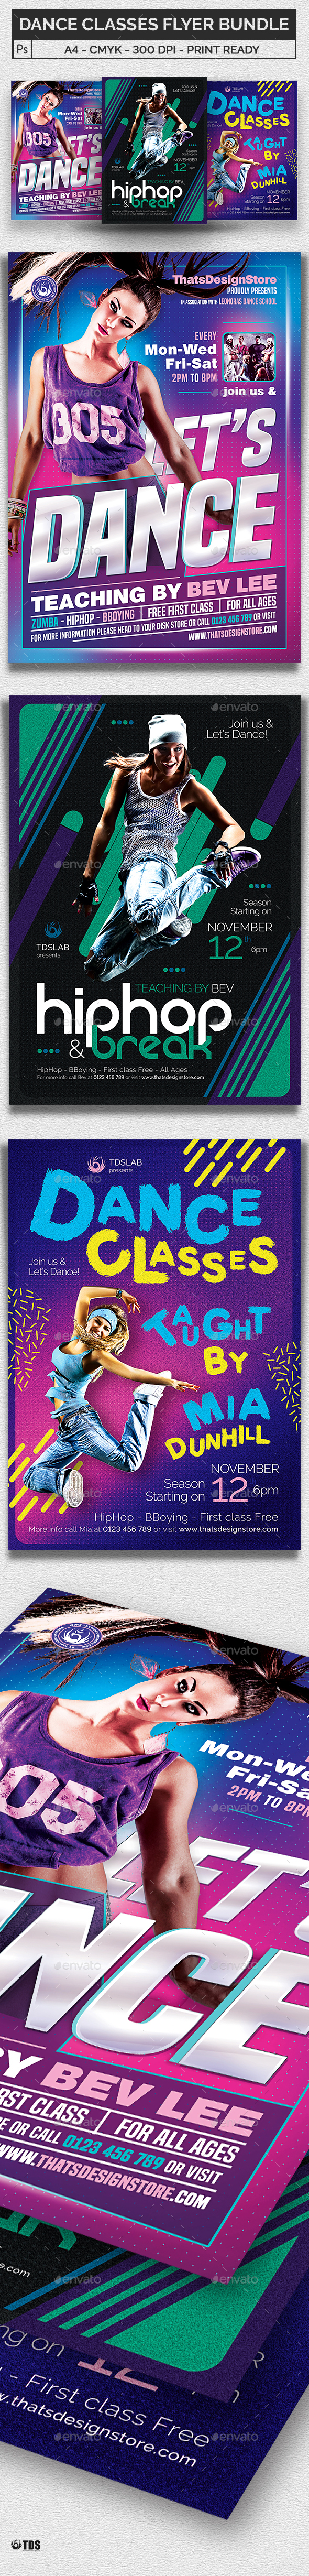 Dance Classes Flyer Bundle - Sports Events